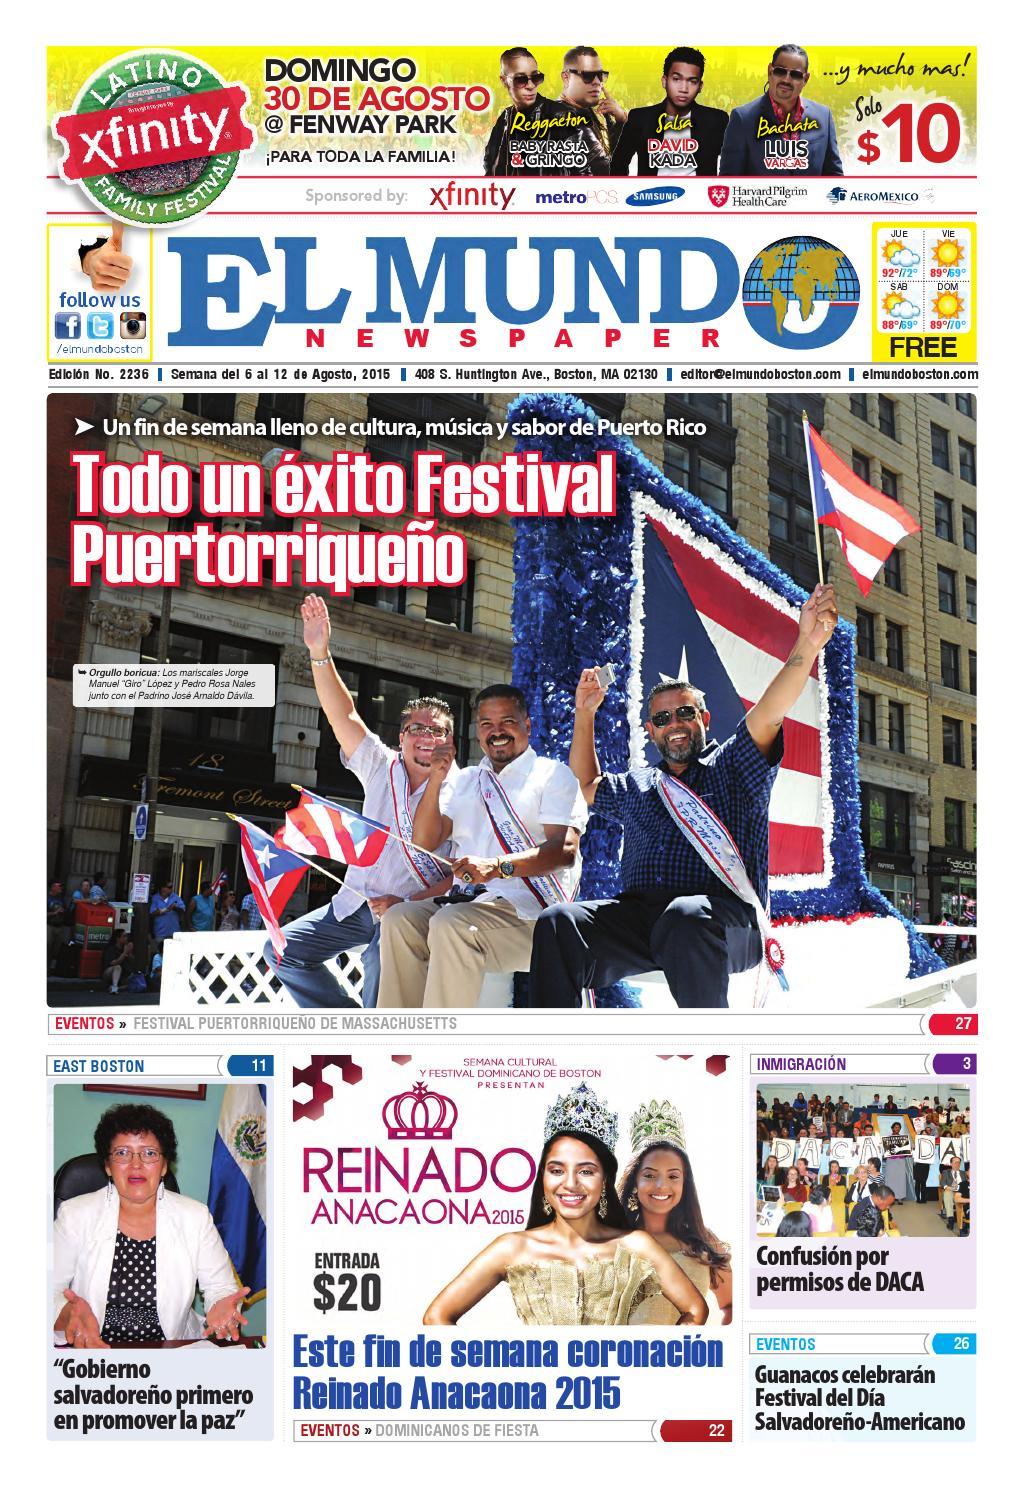 El Mundo Newspaper | No. 2236 | 08/06/15 by El Mundo Boston ...